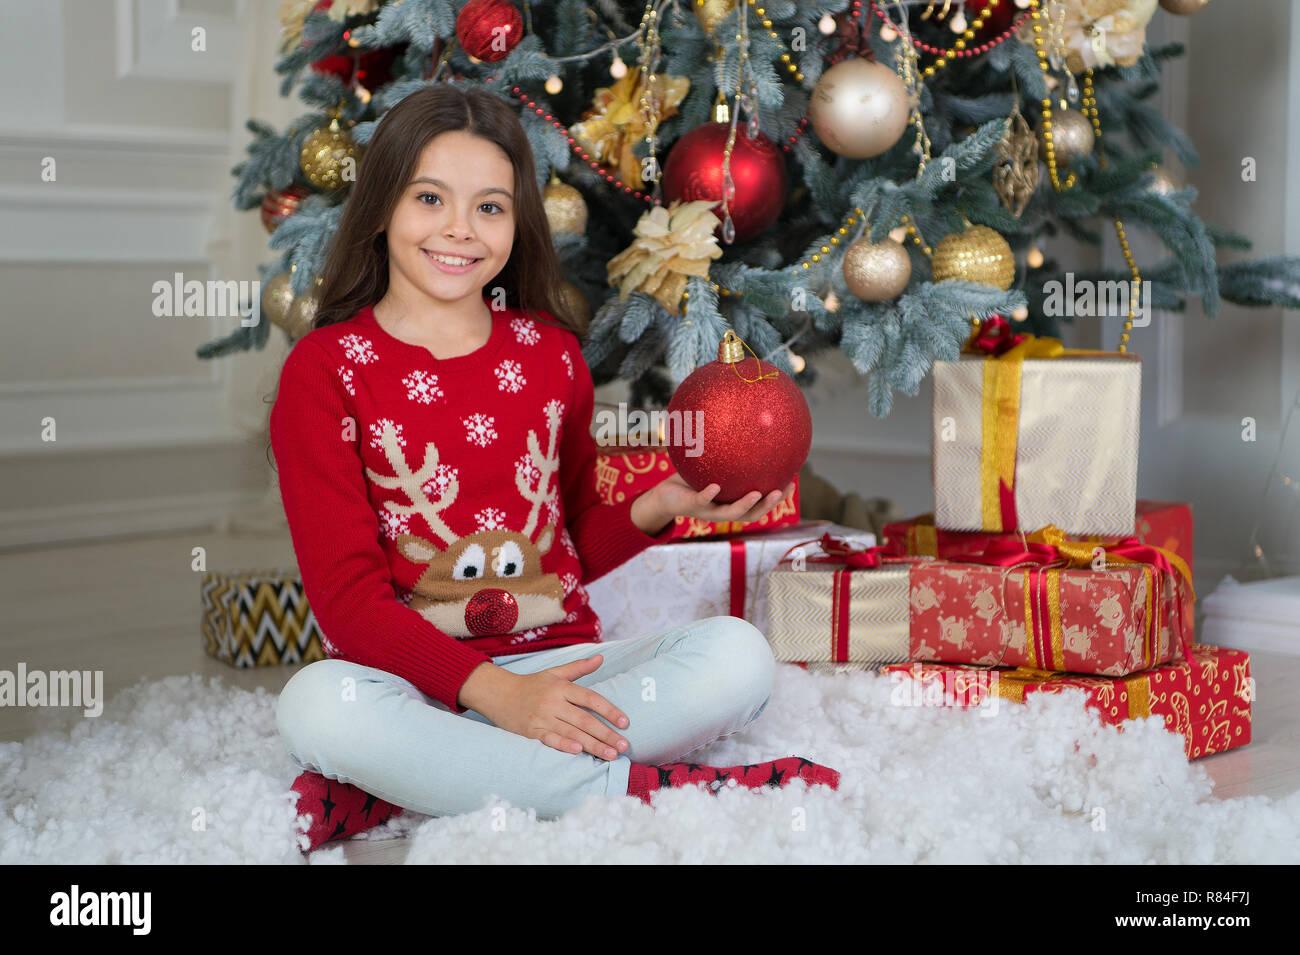 Image De Noel Fille.Petit Enfant Fille Aime Cadeau De Noel Noel Kid Profiter